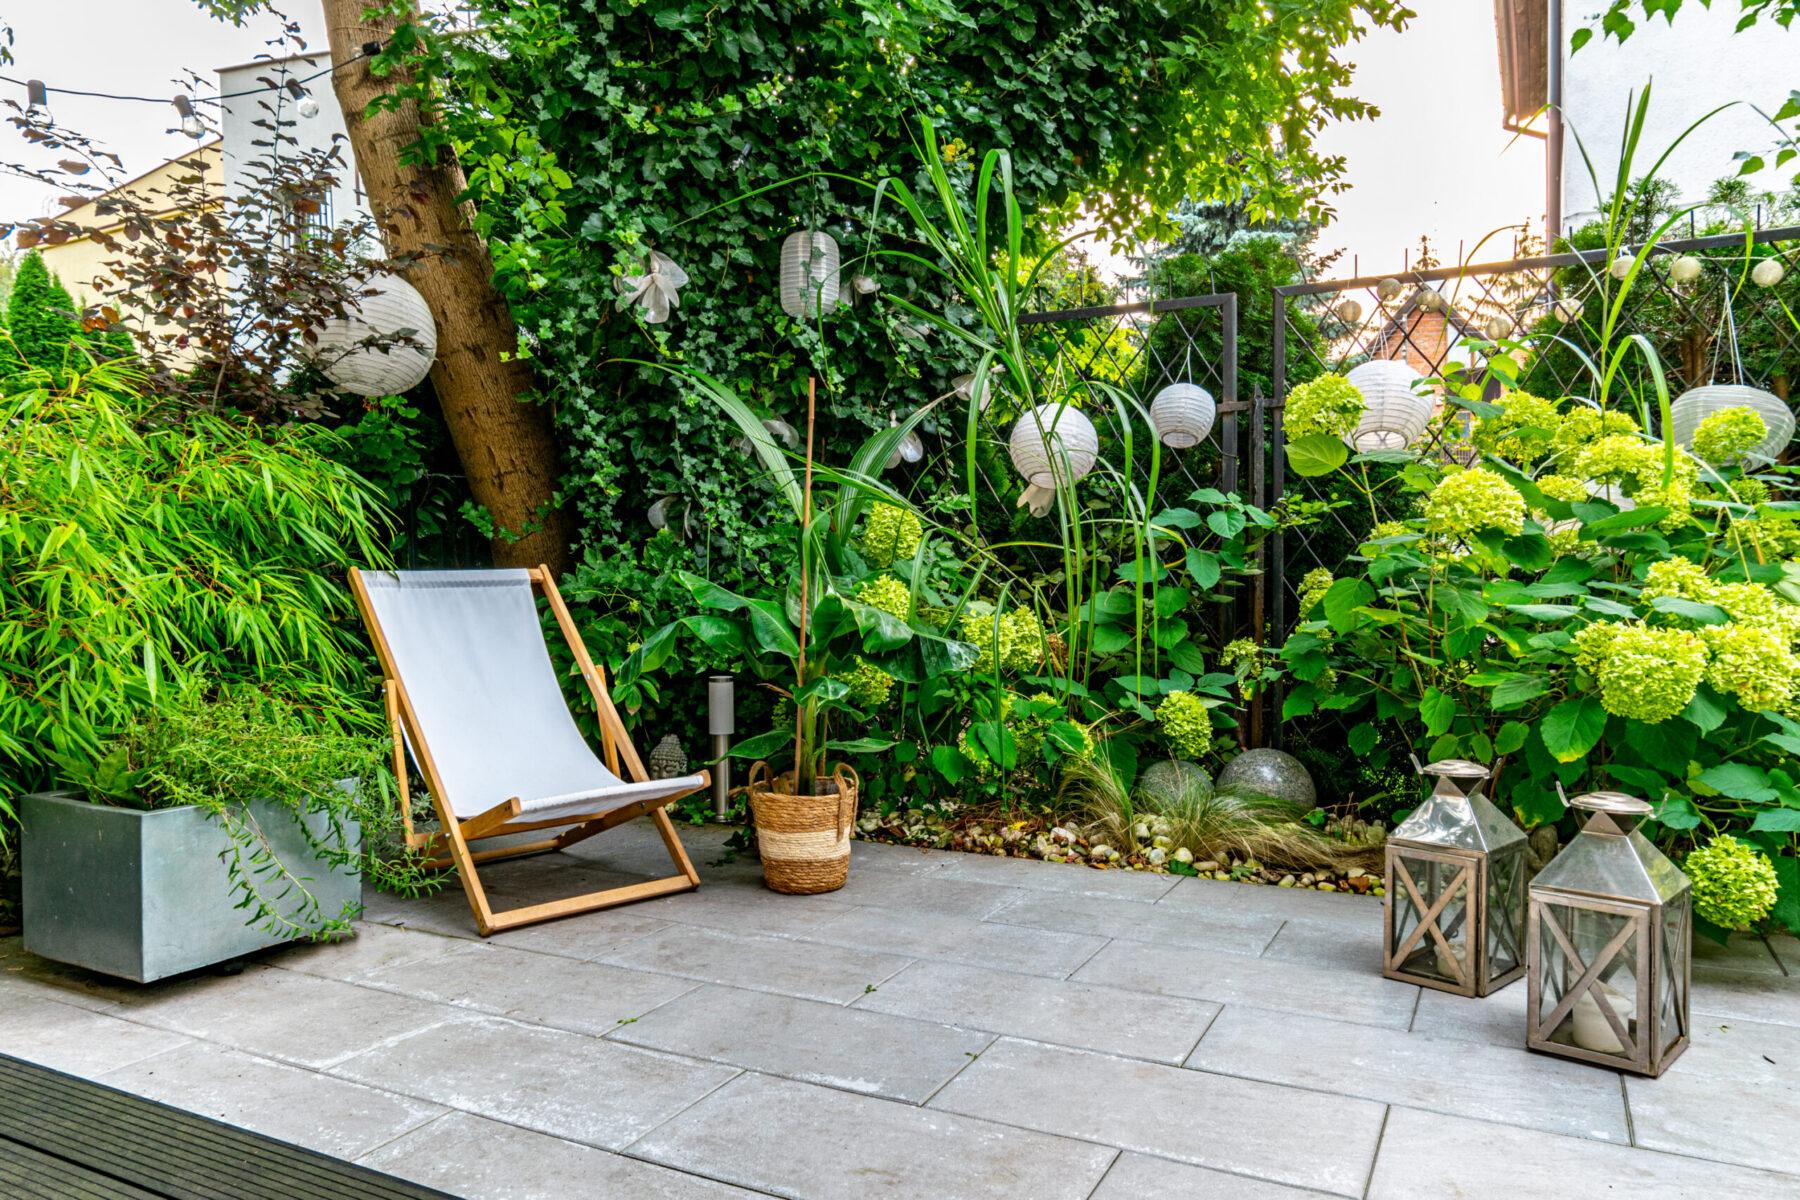 rośliny egzotyczne w ogrodzie, biały leżak i lampiony